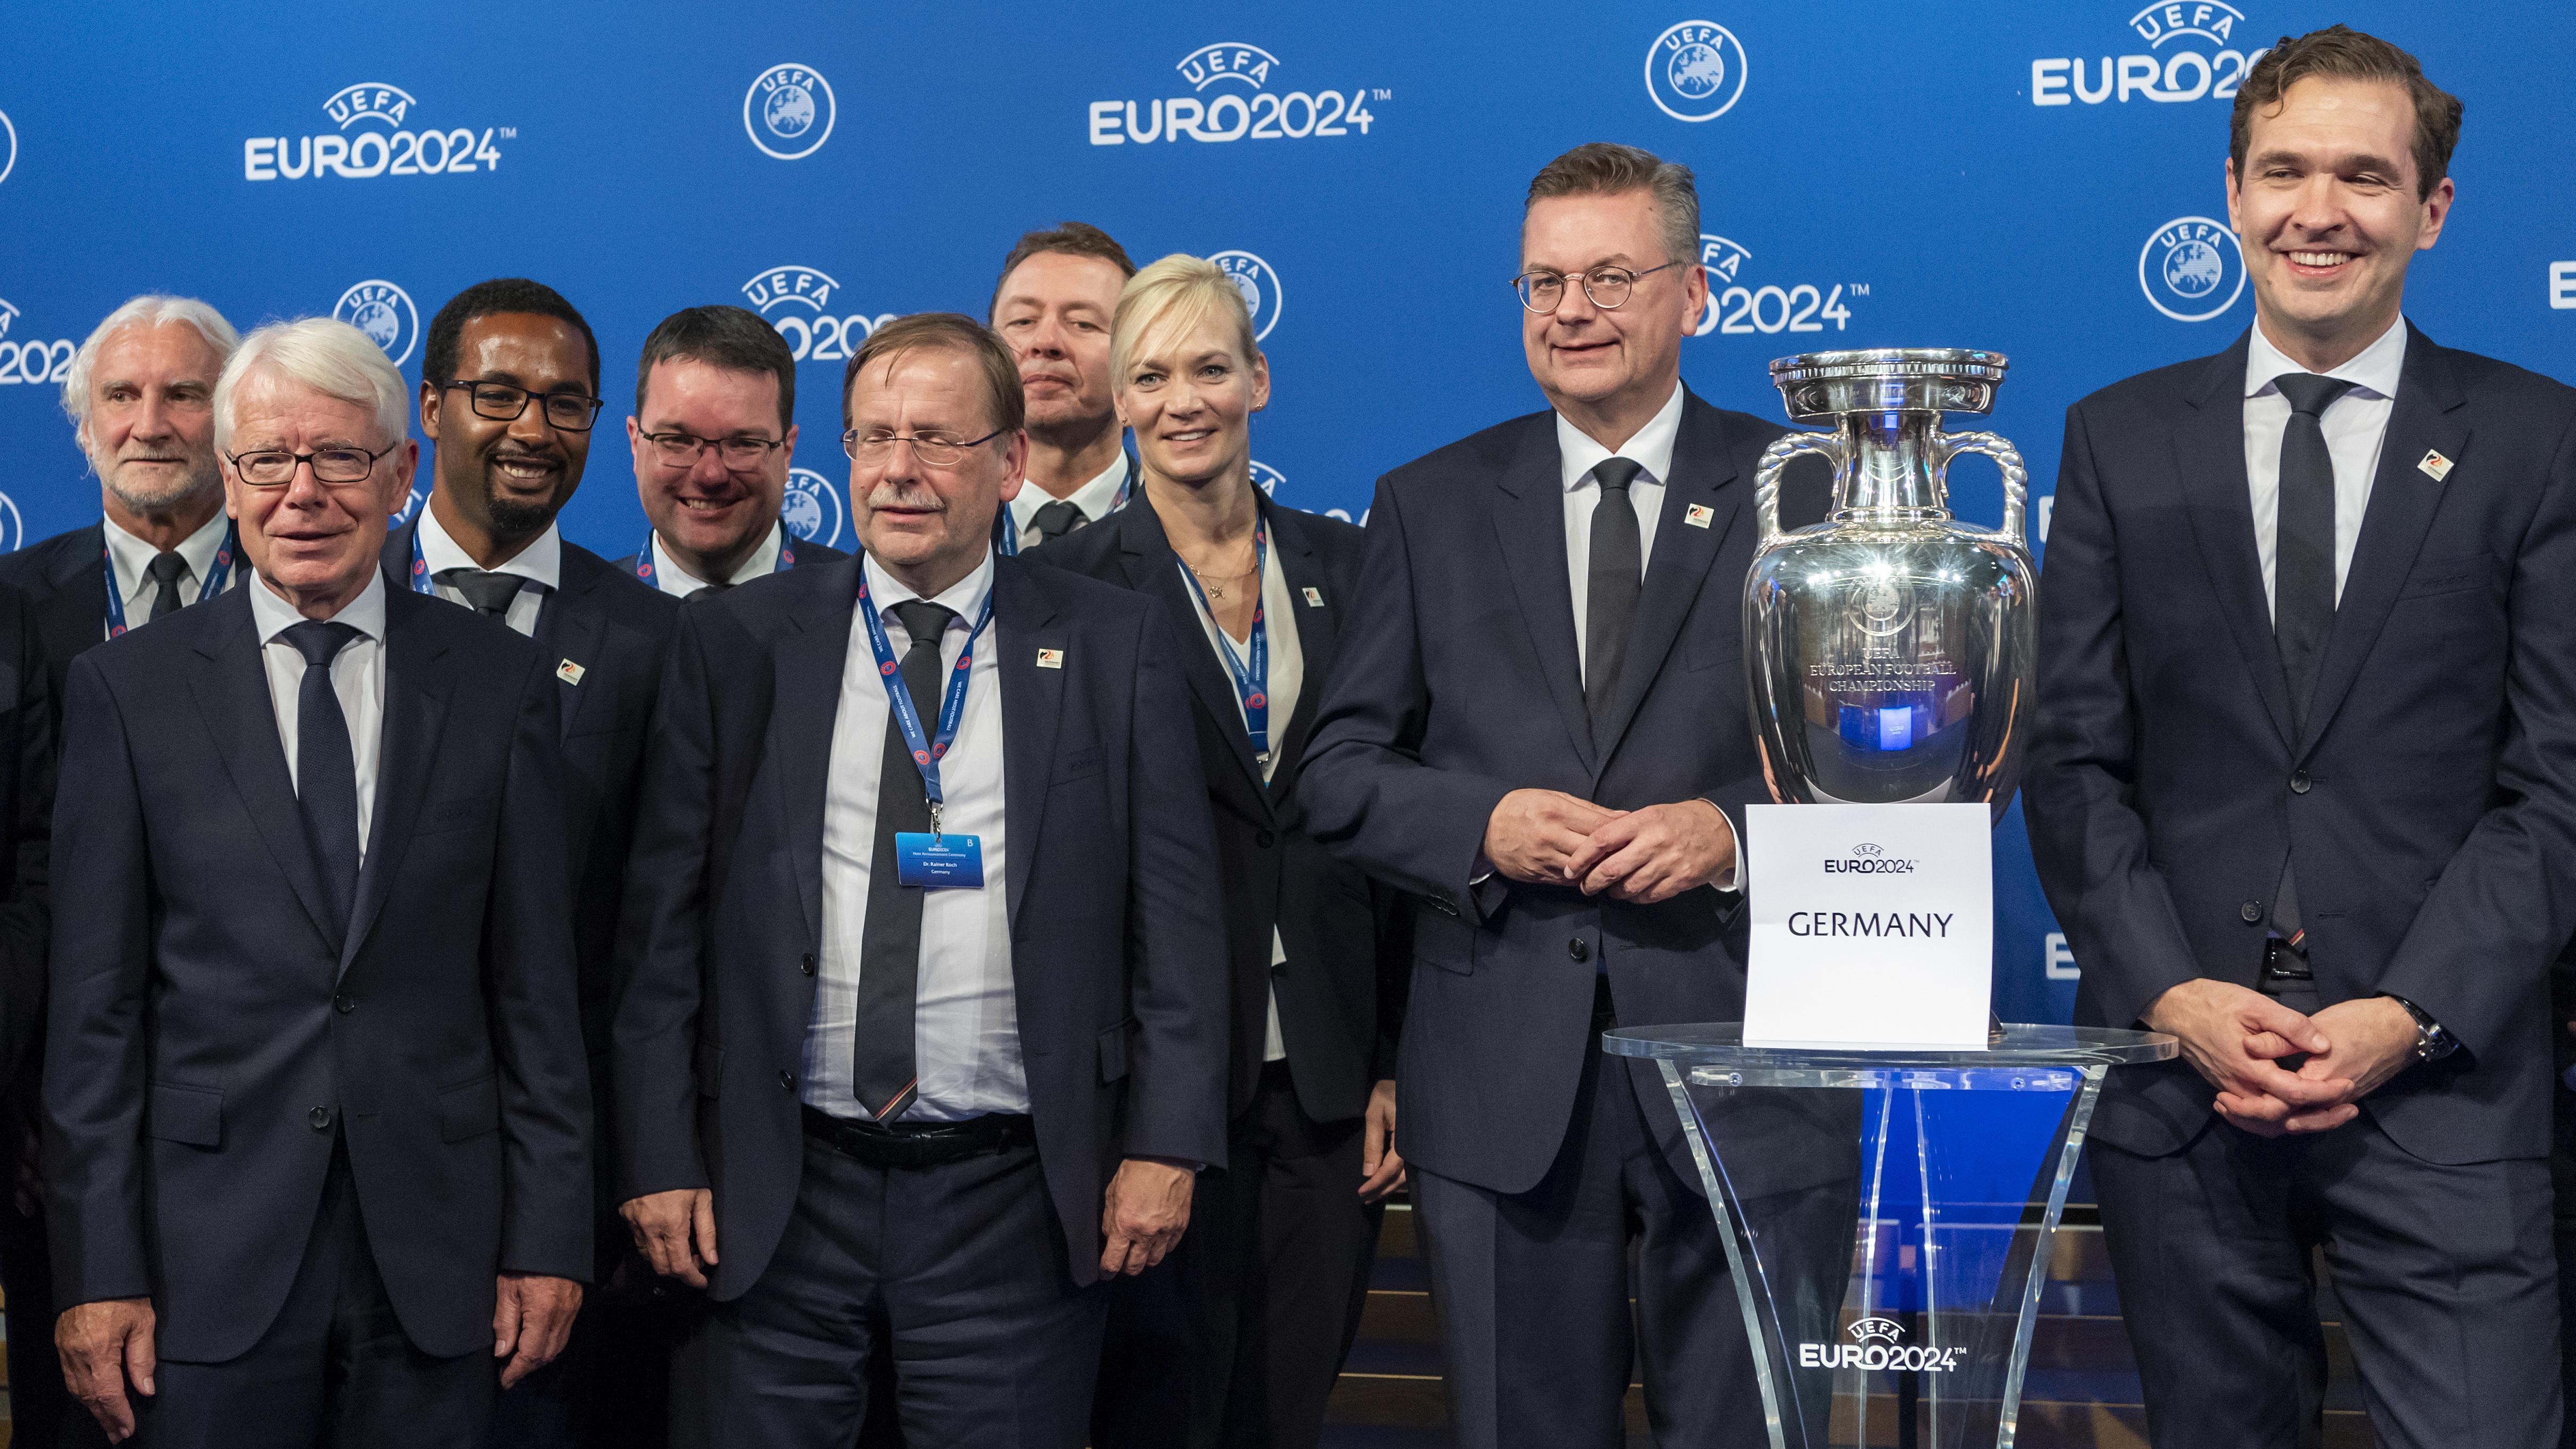 Die deutsche Delegation nach der Bekanntgabe des EM-Gastgebers 2024 ims schweizerischen Nyon